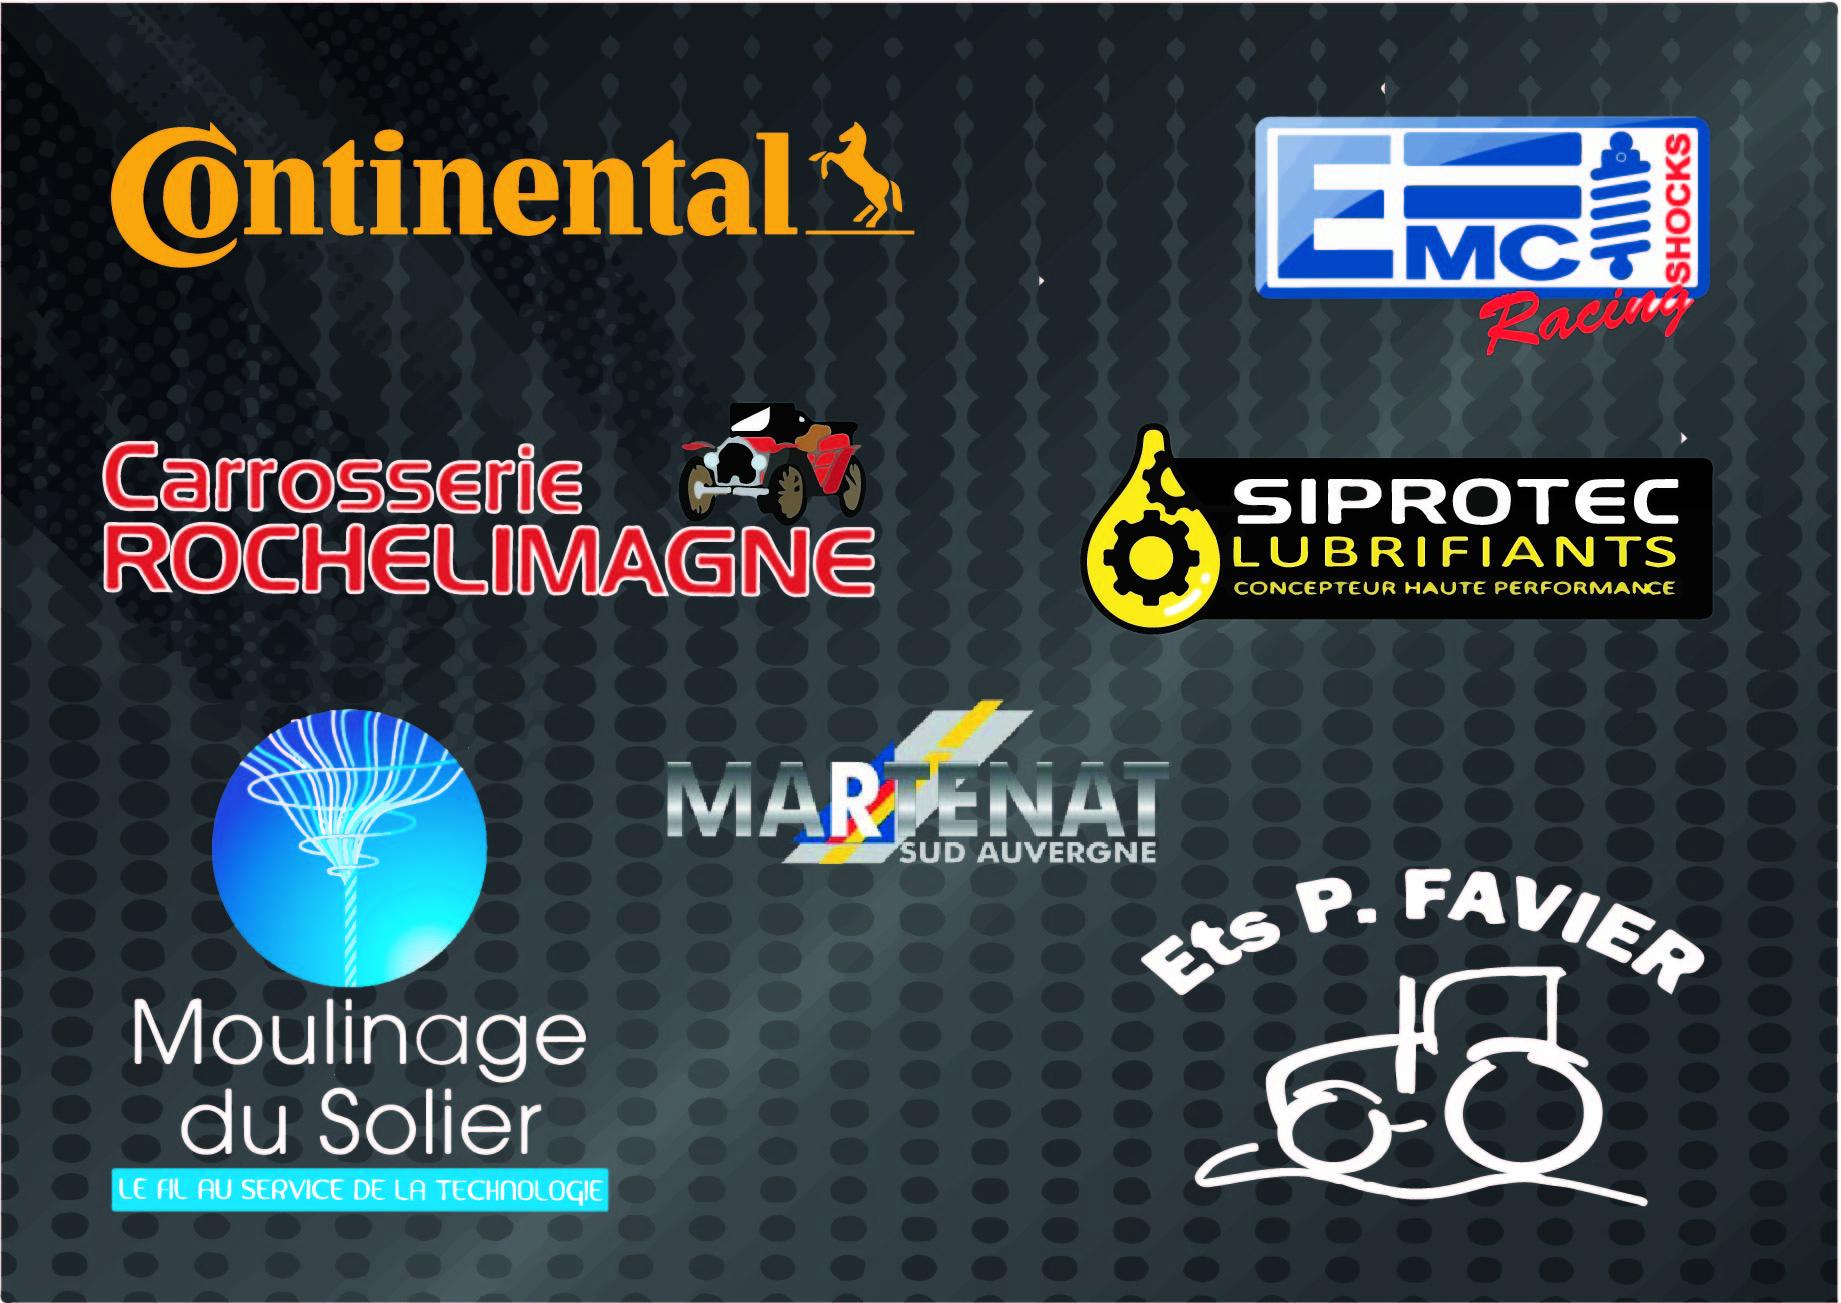 Panneau sponsors 1 1 2018 site